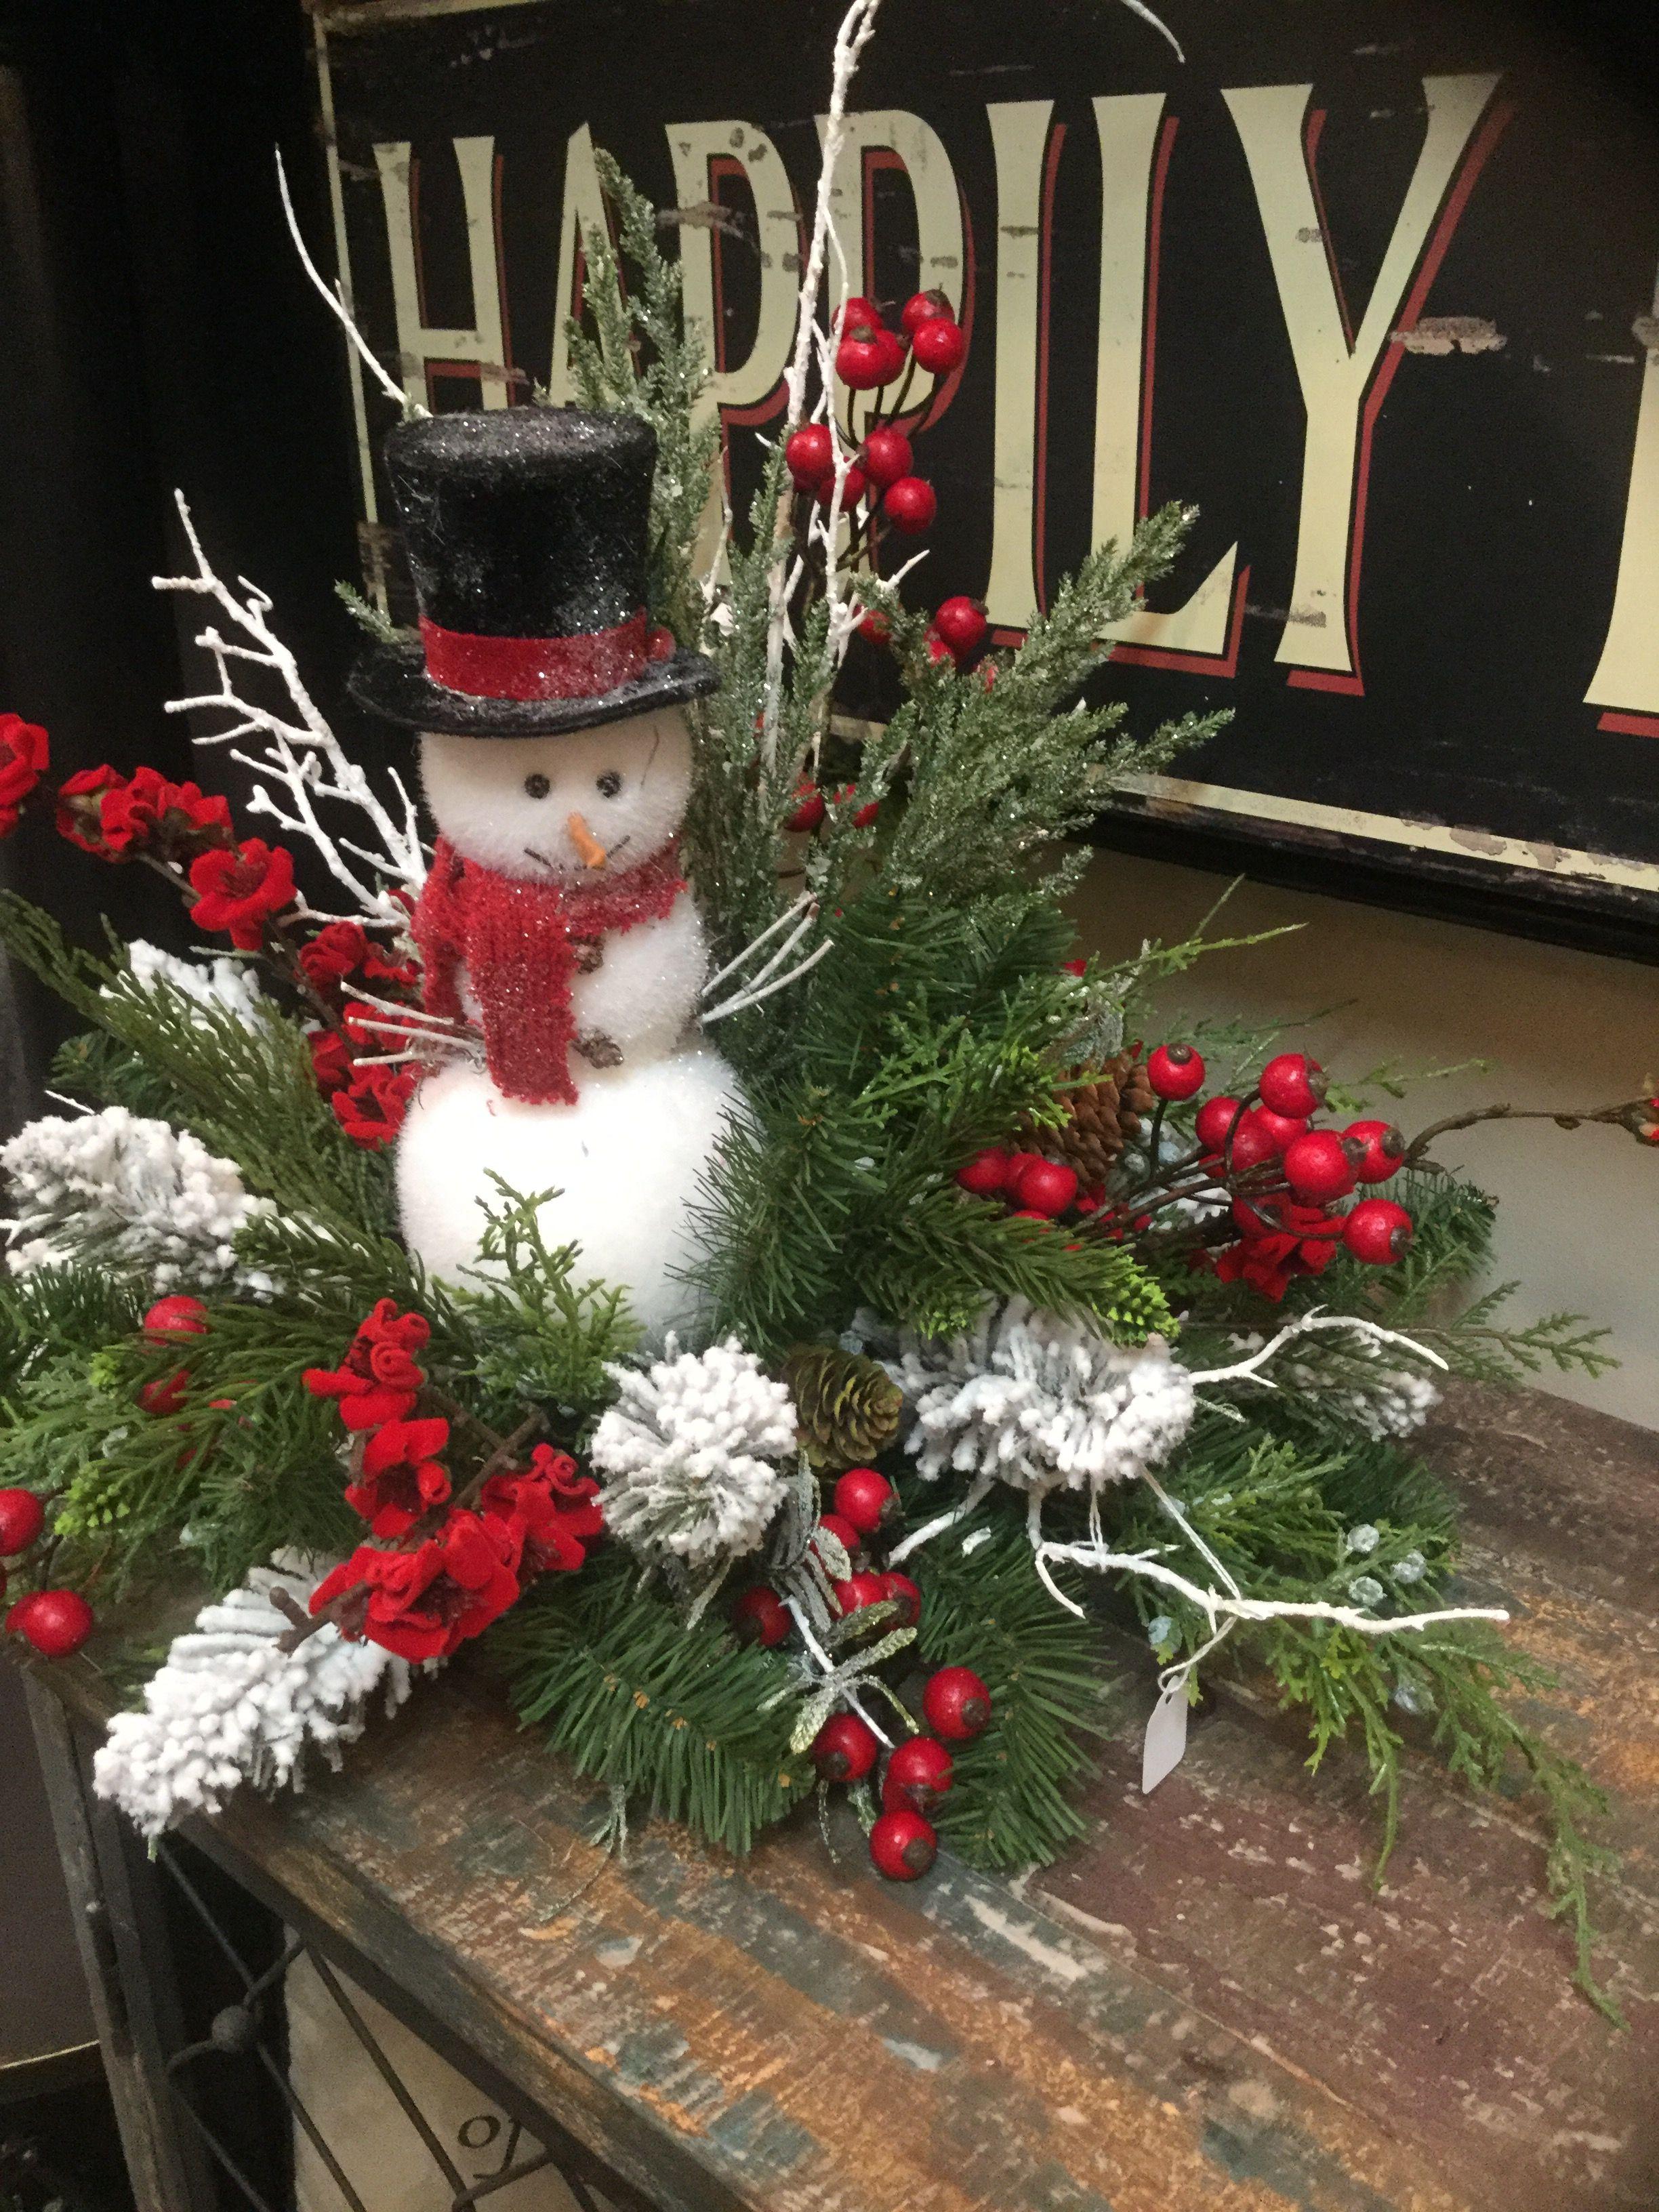 Centros de mesa para navidad y a o nuevo 2018 arregl - Centro de mesa navideno ...